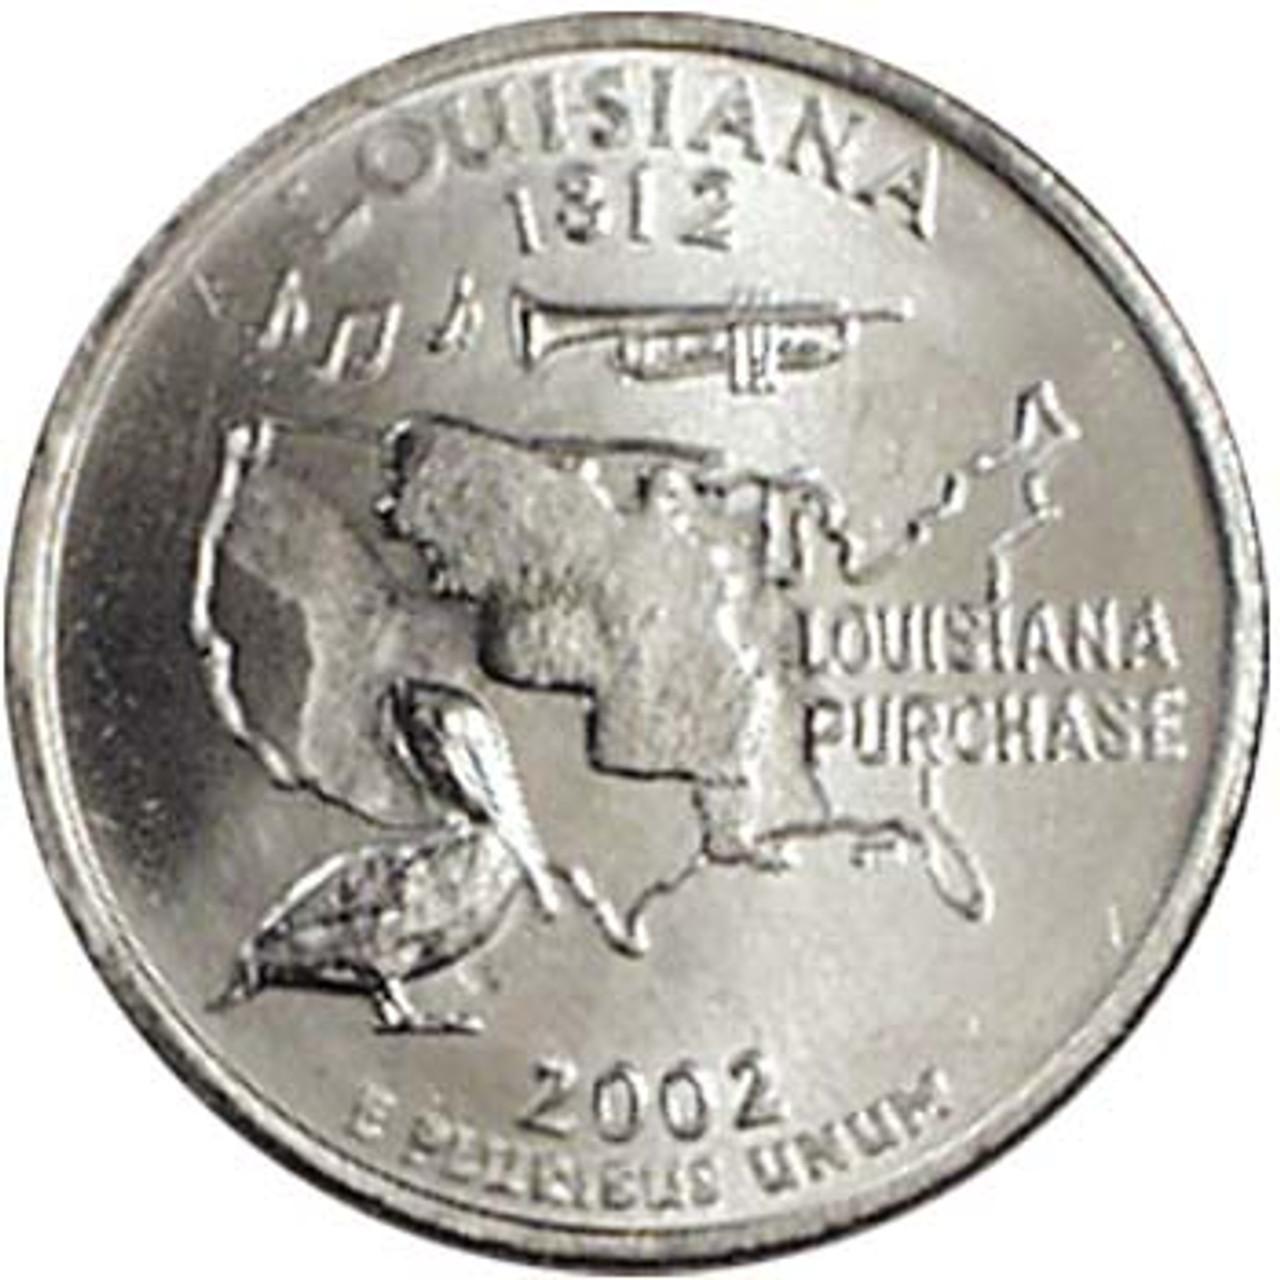 2002-P Louisiana Quarter Brilliant Uncirculated Image 1